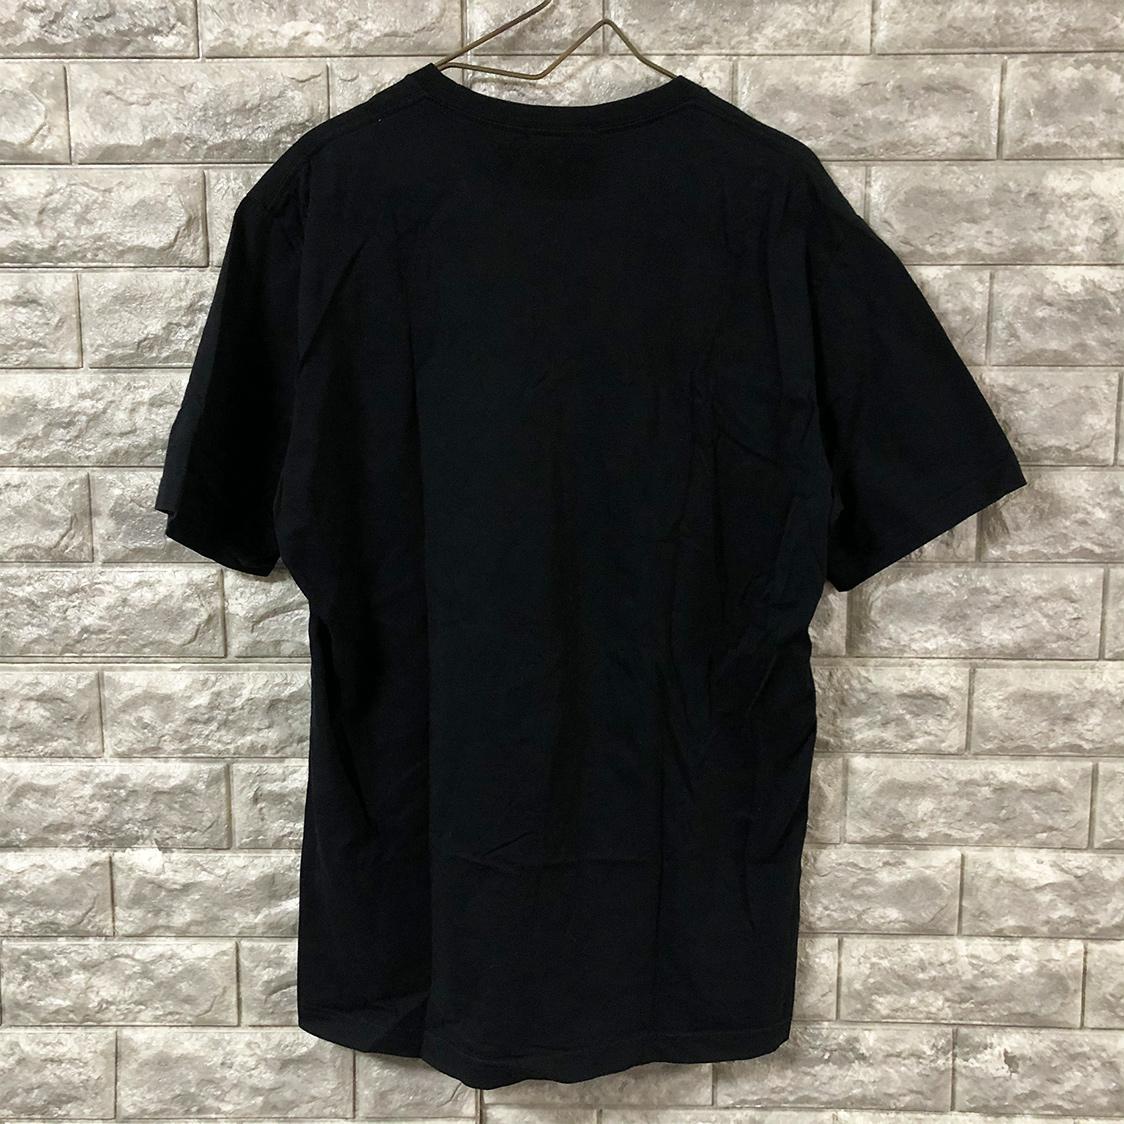 UNDERCOVER アンダーカバー 【XLサイズ】 目隠し ベアー Tシャツ カットソー ブラック 半袖